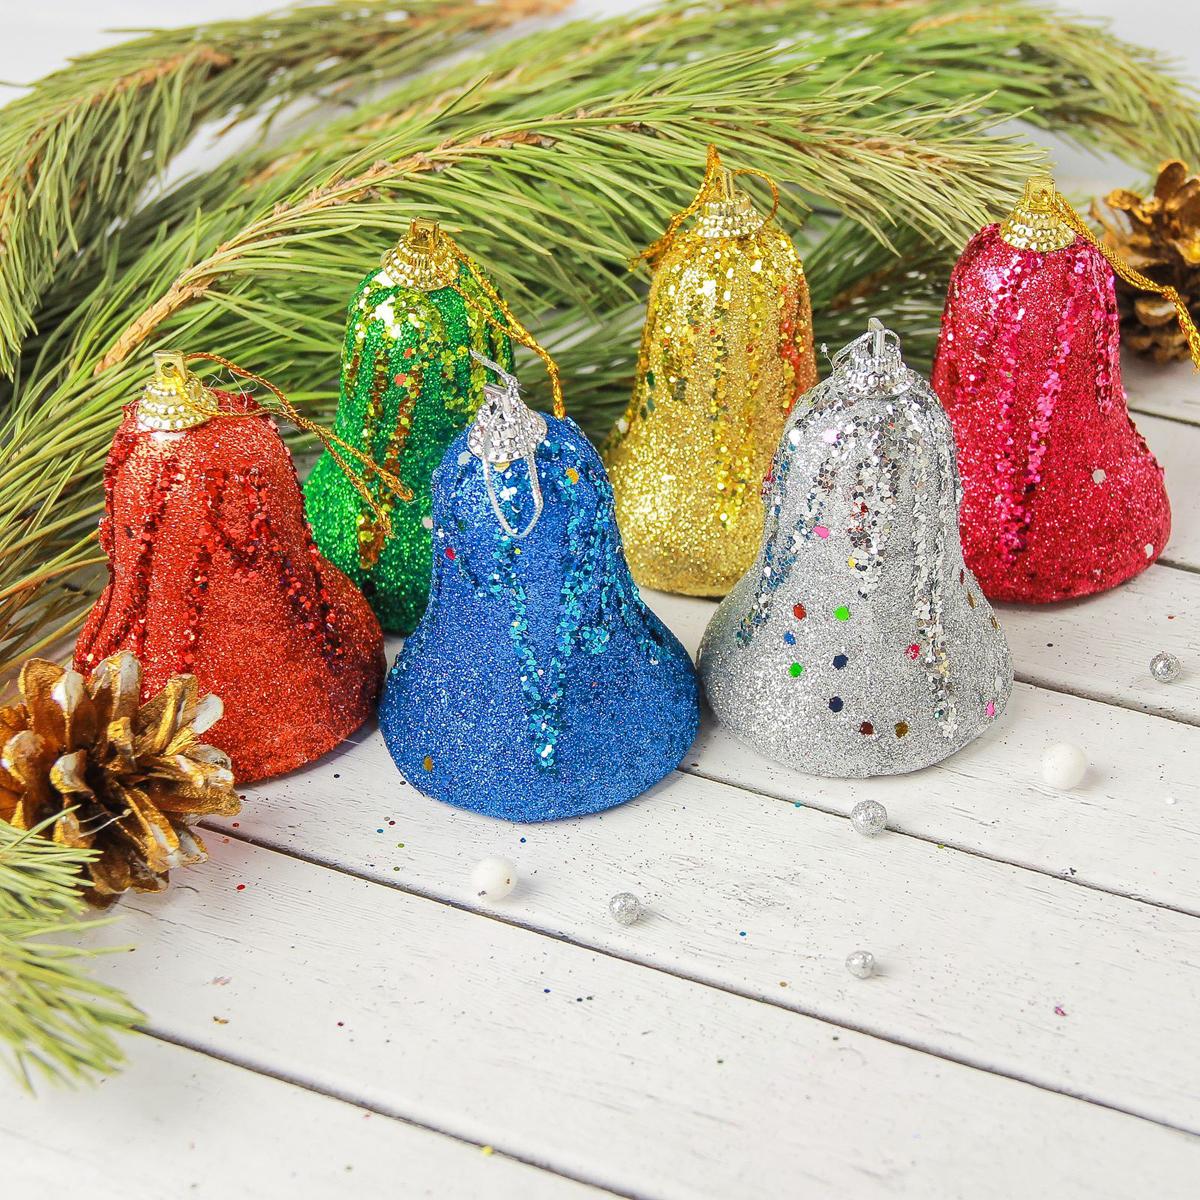 Набор новогодних подвесных украшений Sima-land Блеск, 5,5 х 6 см, 6 шт2372149Набор новогодних подвесных украшений Sima-land отлично подойдет для декорации вашего дома и новогодней ели. Новогодние украшения можно повесить в любом понравившемся вам месте. Но, конечно, удачнее всего они будет смотреться на праздничной елке.Елочная игрушка - символ Нового года. Она несет в себе волшебство и красоту праздника. Такое украшение создаст в вашем доме атмосферу праздника, веселья и радости.